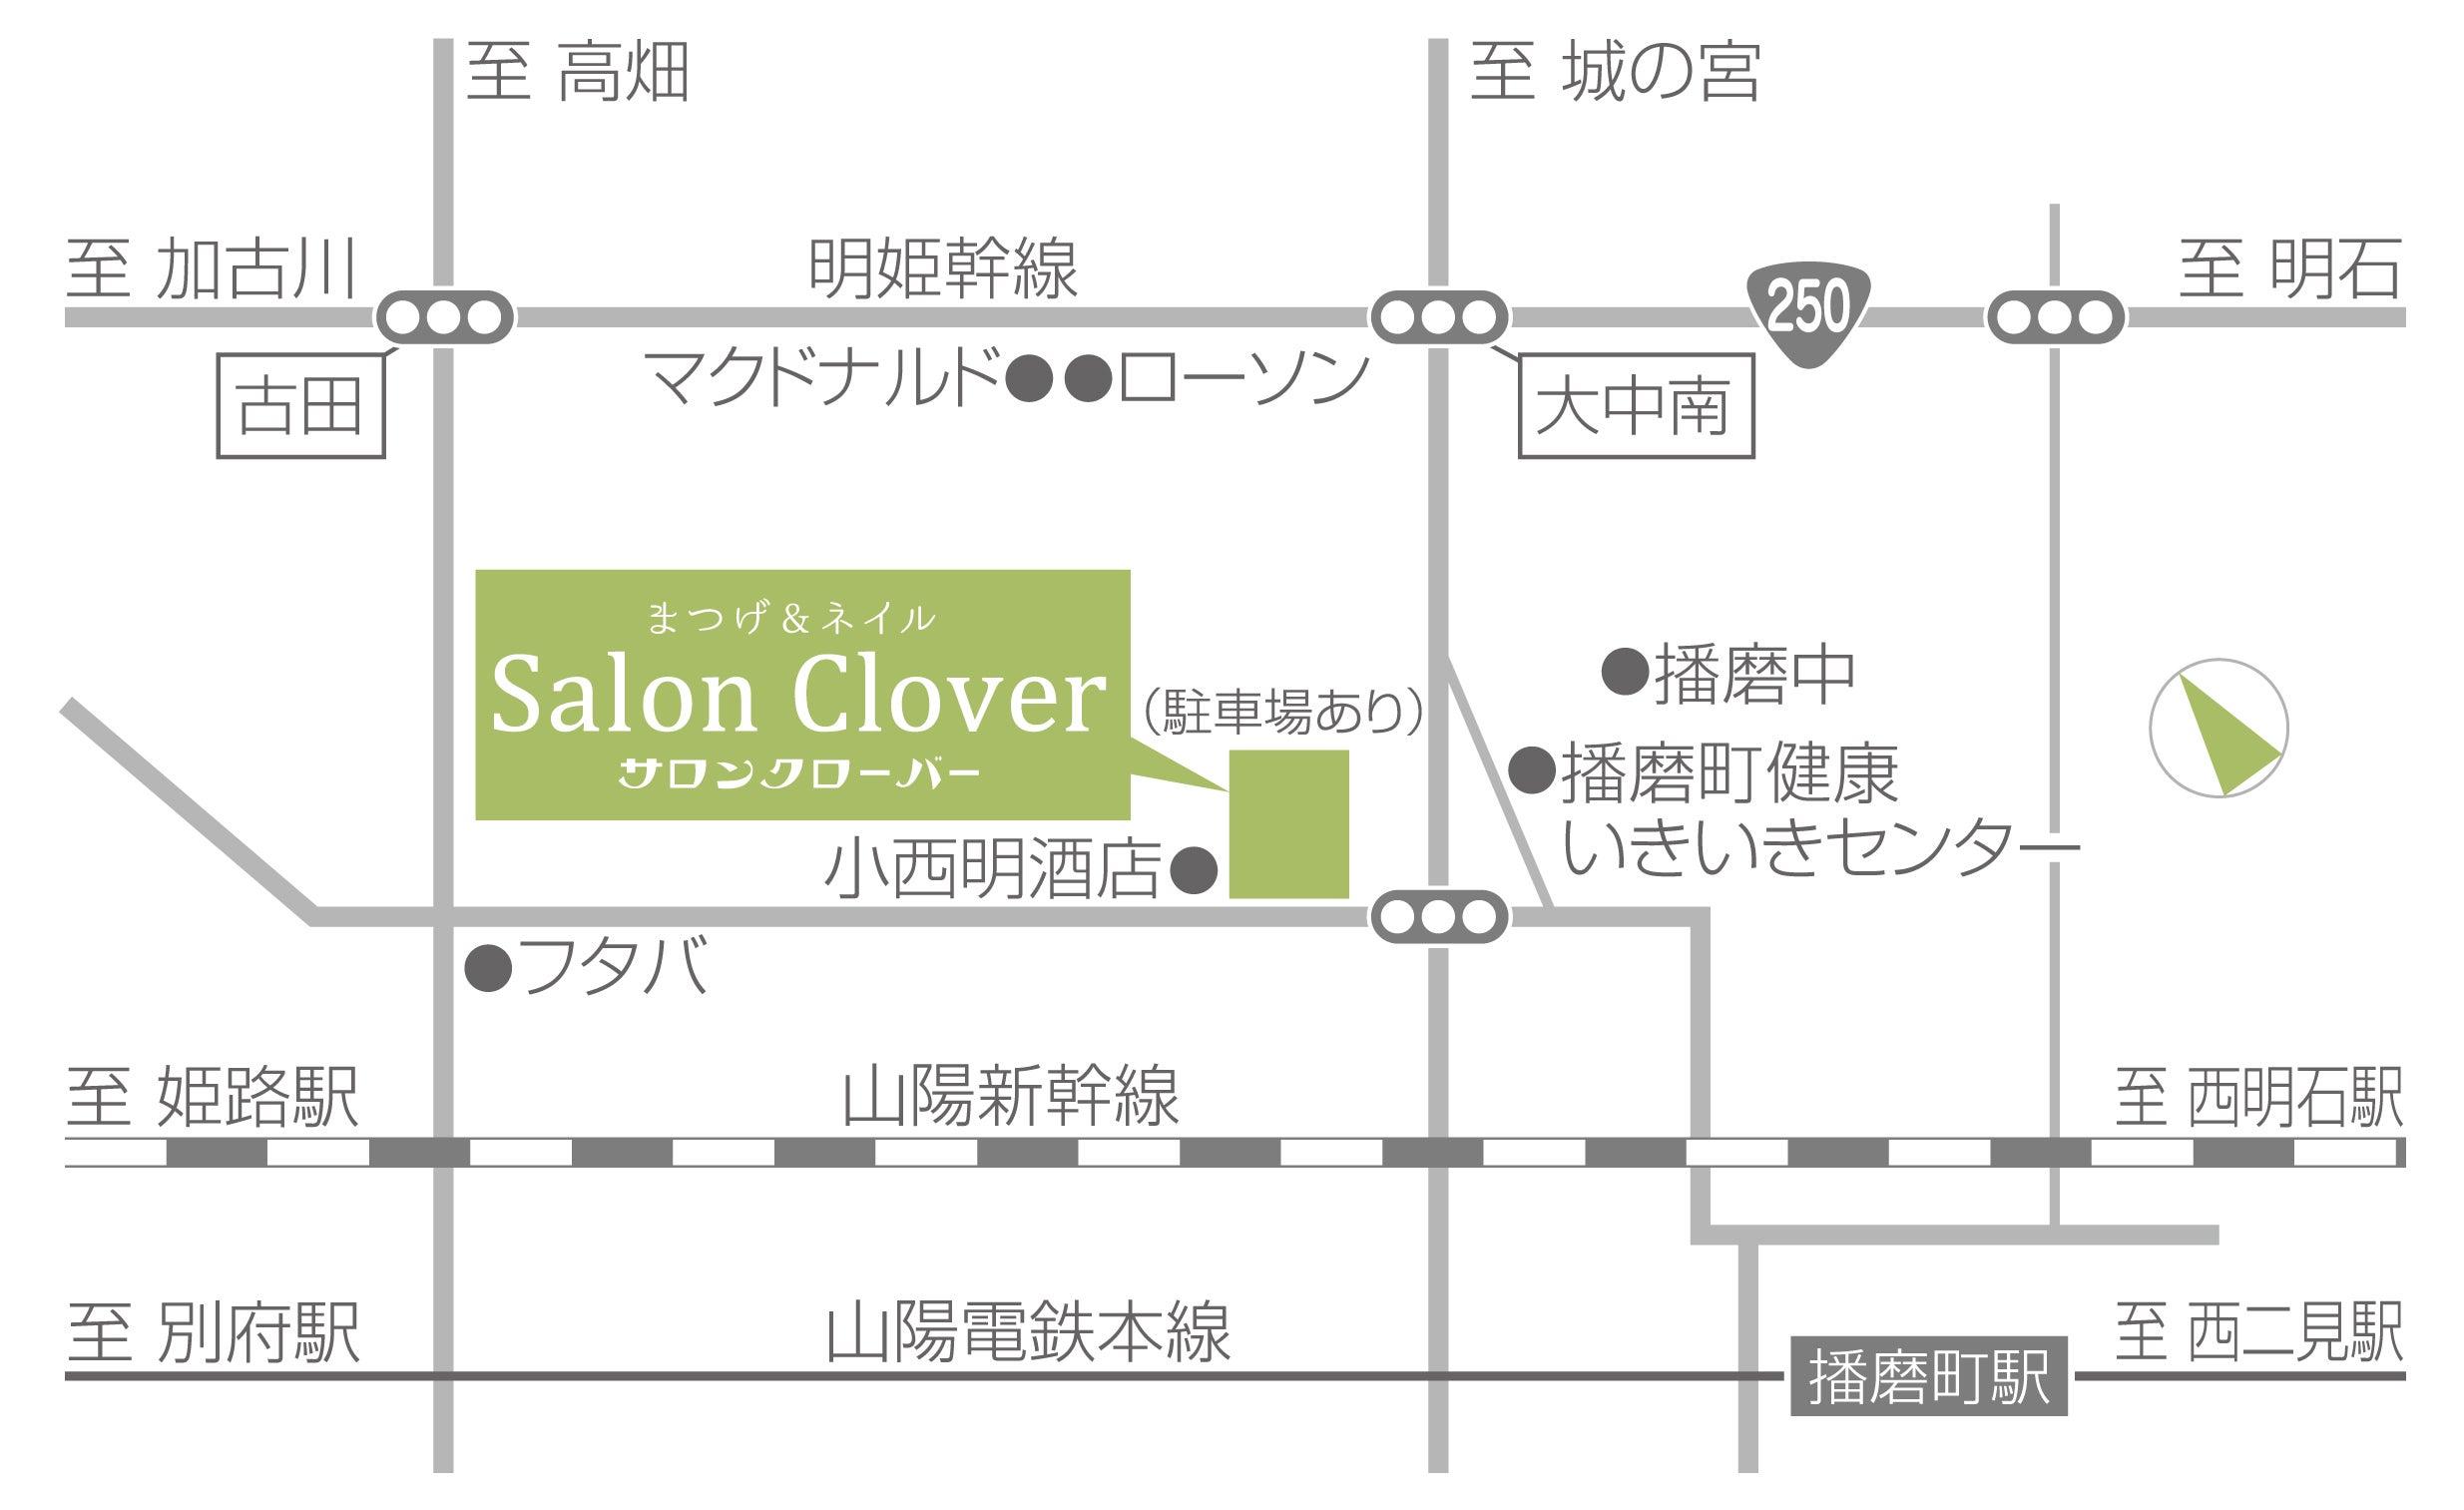 播磨町・土山のマツエクとネイル、サロンクローバーへのアクセス(加古川・明石)